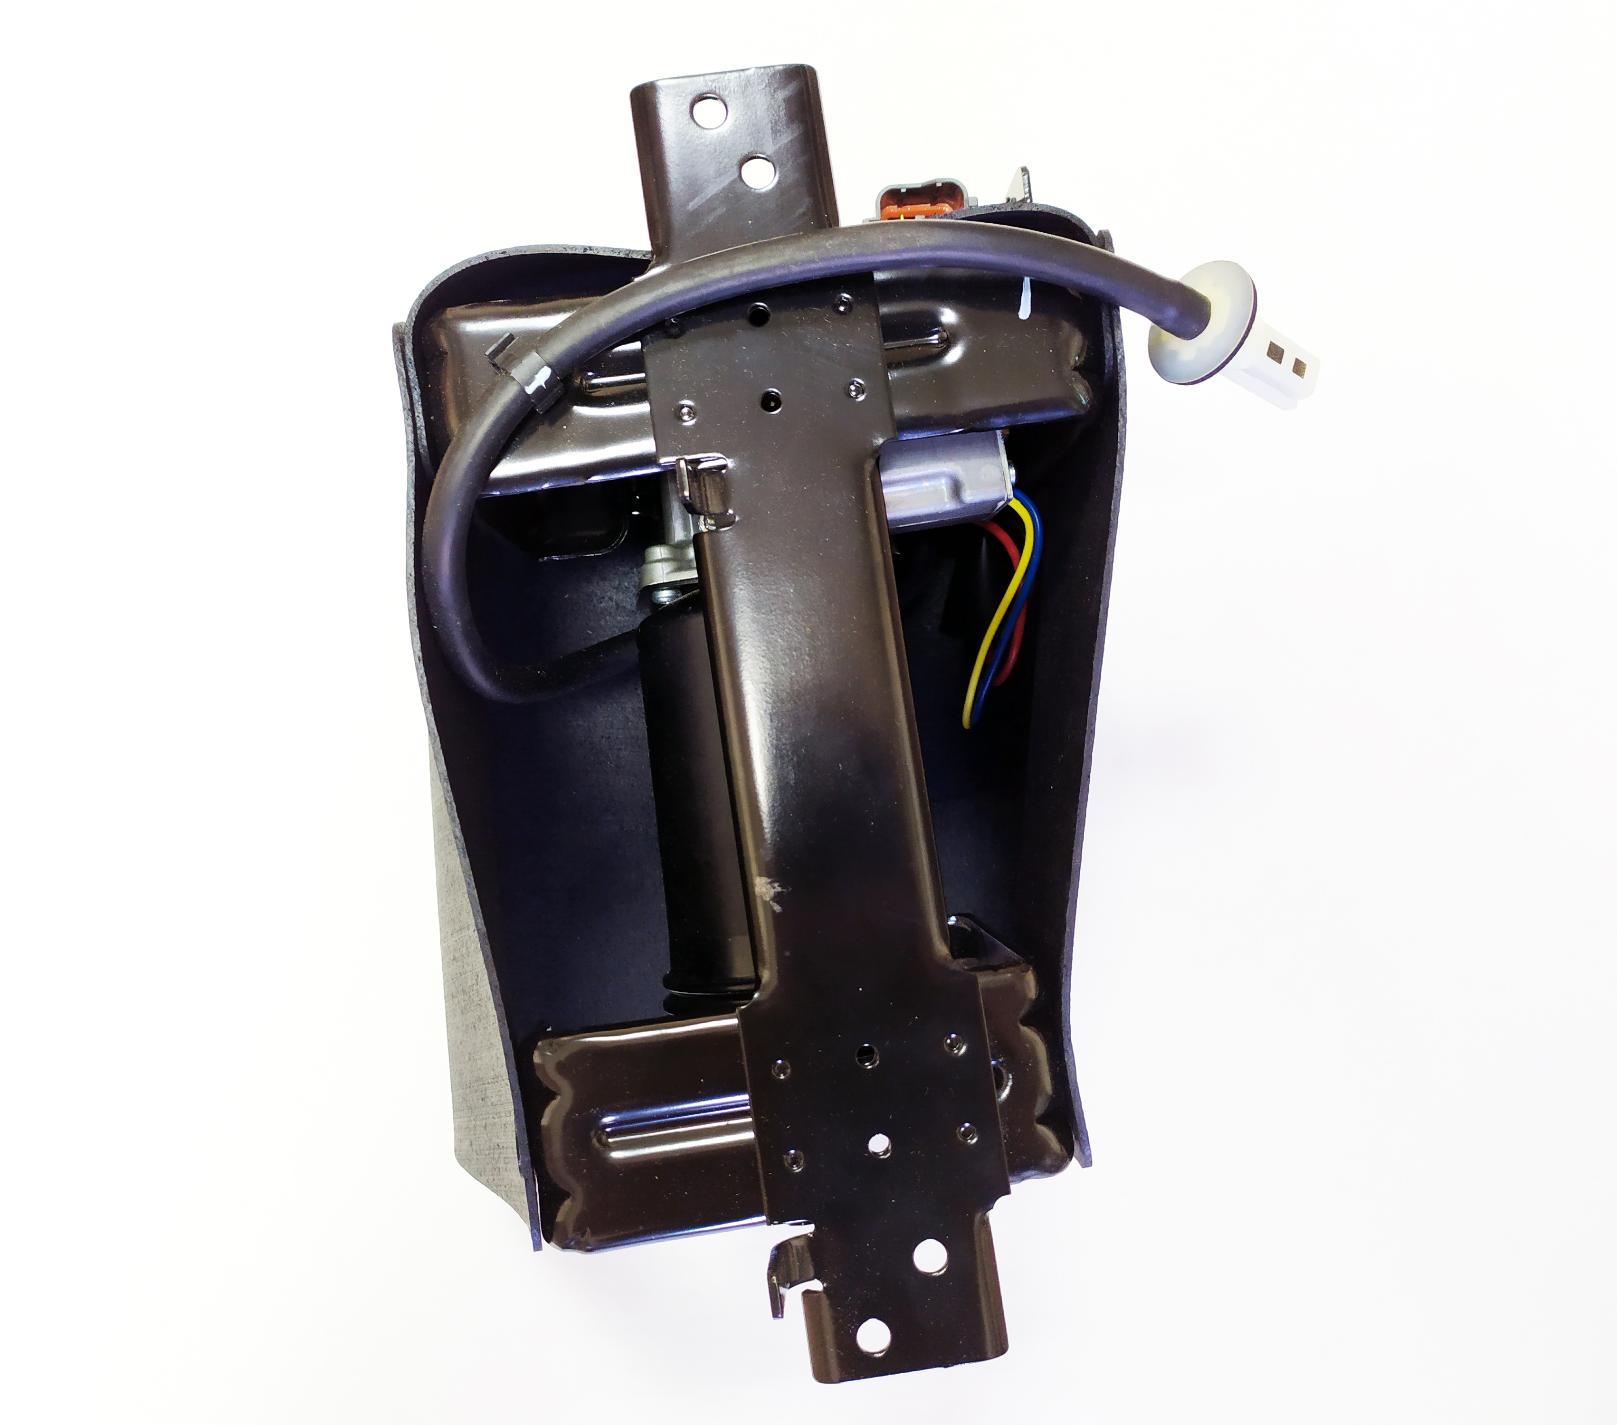 картинка Новый оригинальный компрессор пневмоподвески Nissan для Infiniti QX56/QX80 Z62 JA60, Nissan Armada Y62 (534007S600, 534001LA4A) от магазина пневмоподвески ПневмоМаркет